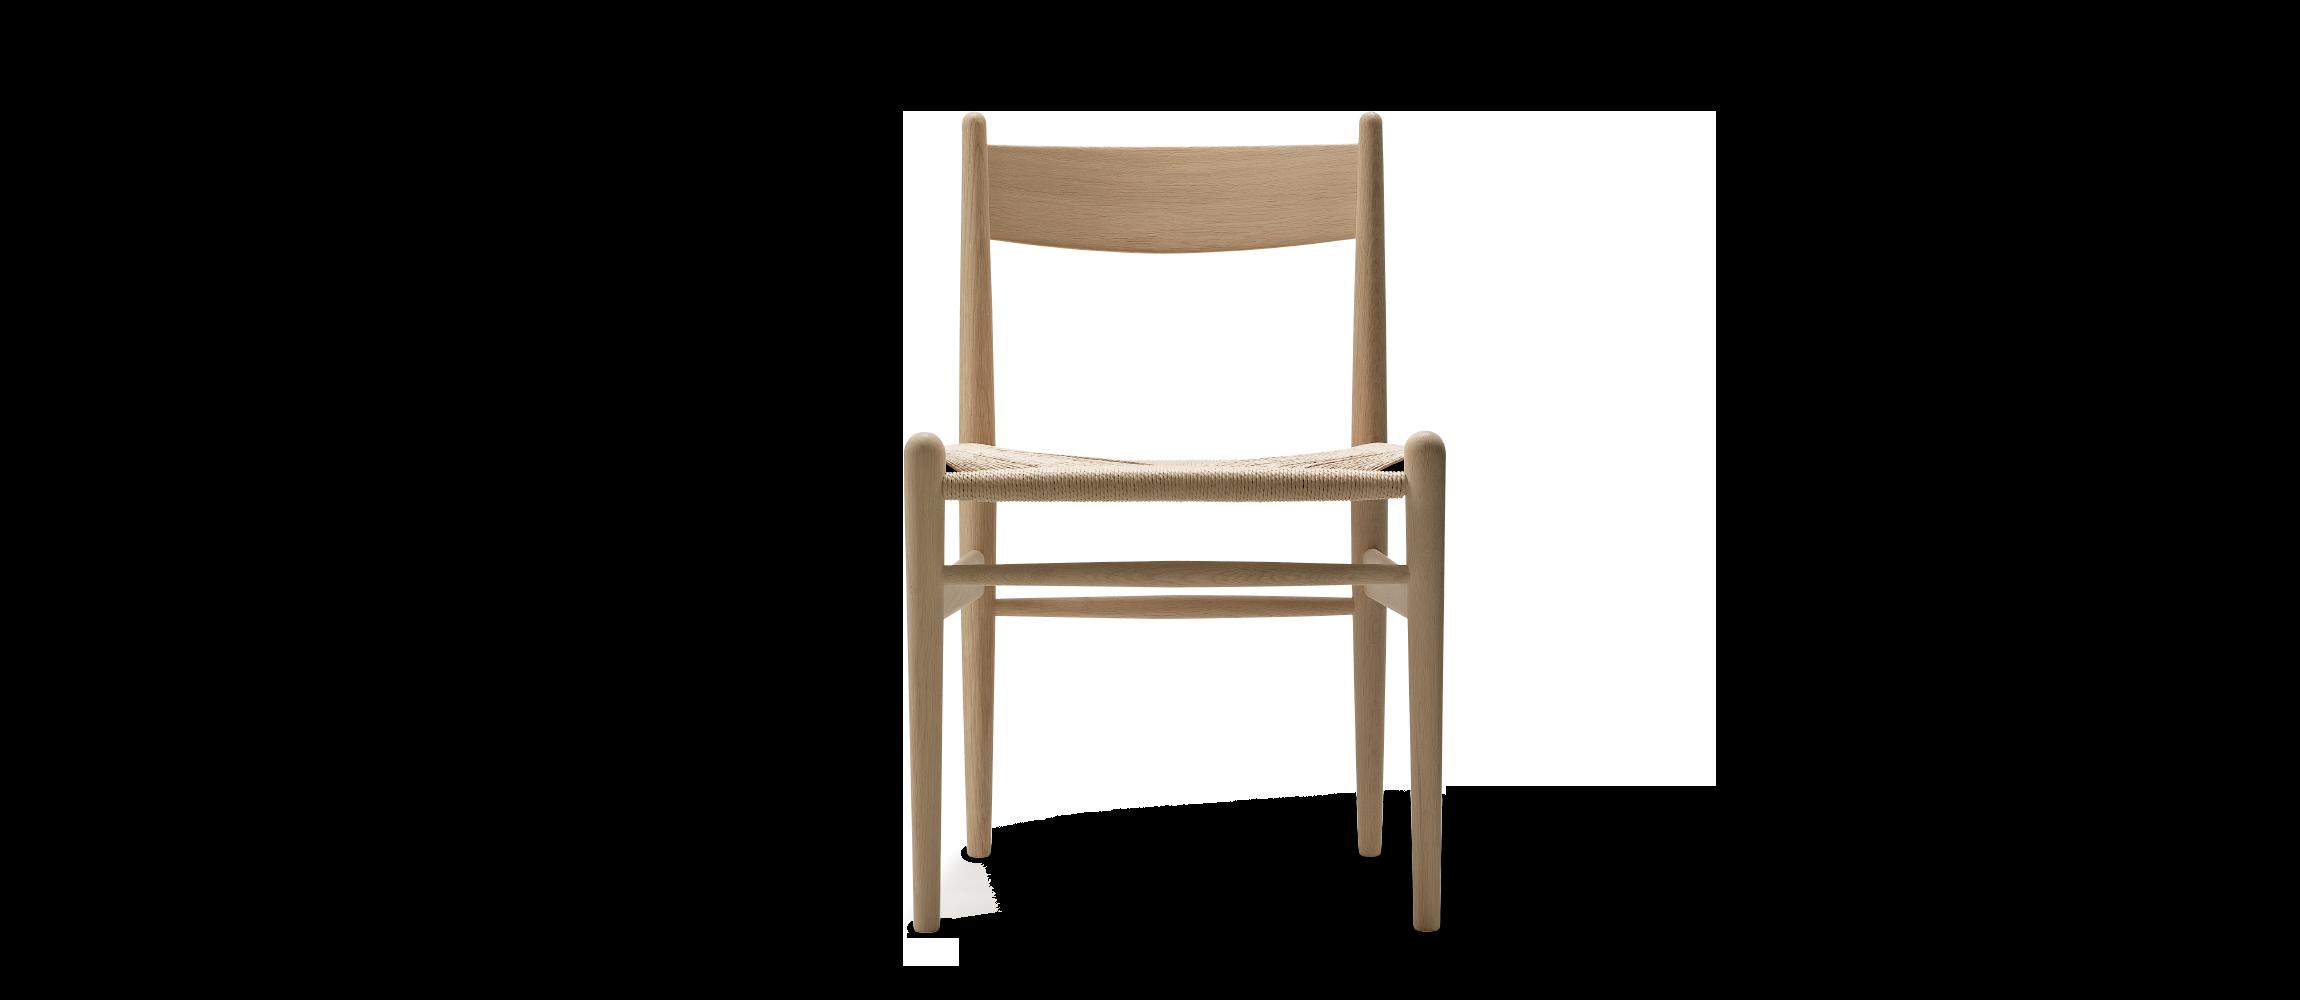 Myran Stol Kopia Swan Chair Dimensions Ystolar Som Naturtrogna Kopior R Av S Pass Bra I